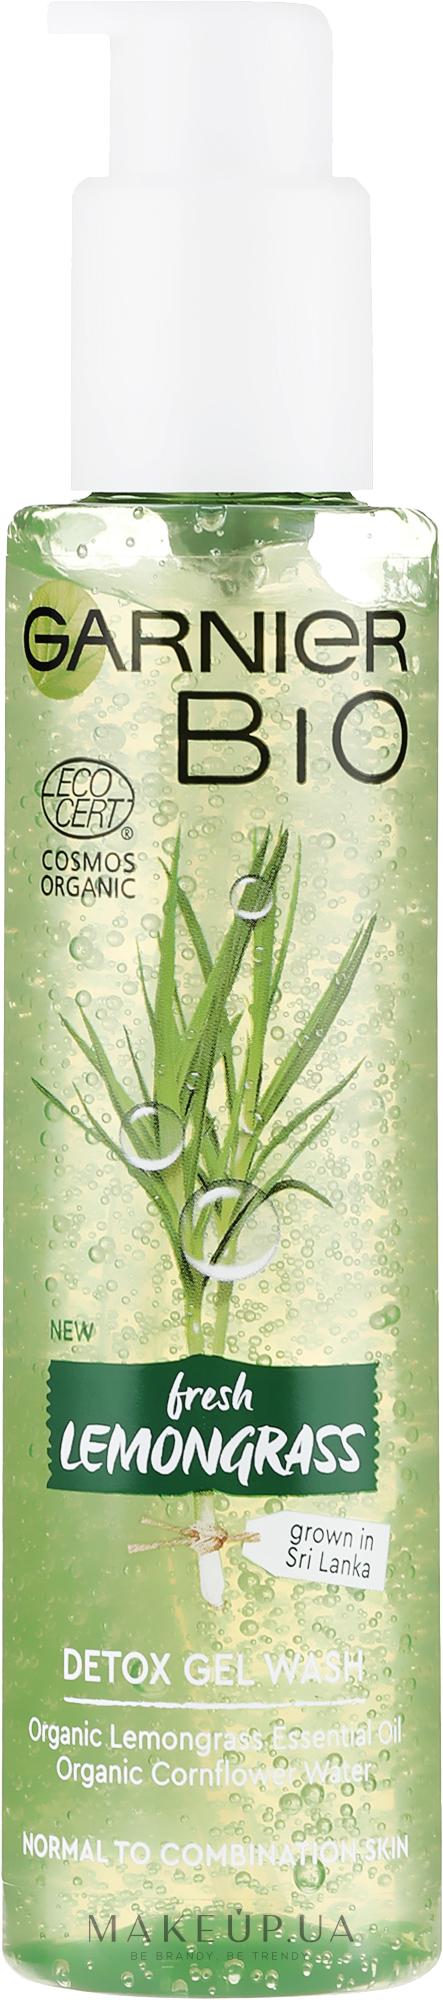 Детокс-гель для умывания с экстрактом лемонграсса - Garnier Bio Fresh Lemongrass Detox Gel Wash — фото 150ml